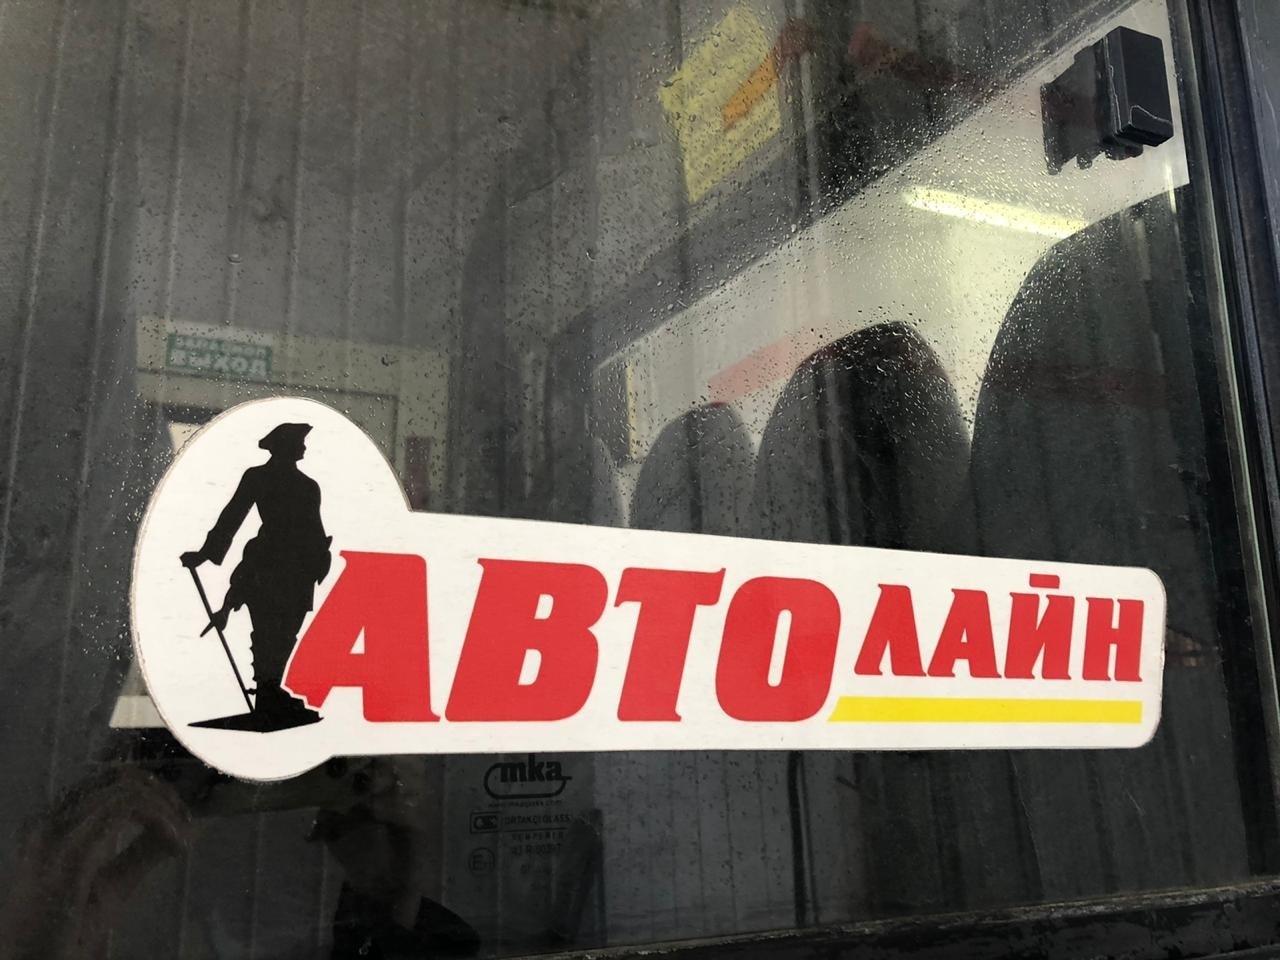 В Таганроге продолжается дезинфекция общественного транспорта из-за COVID-19